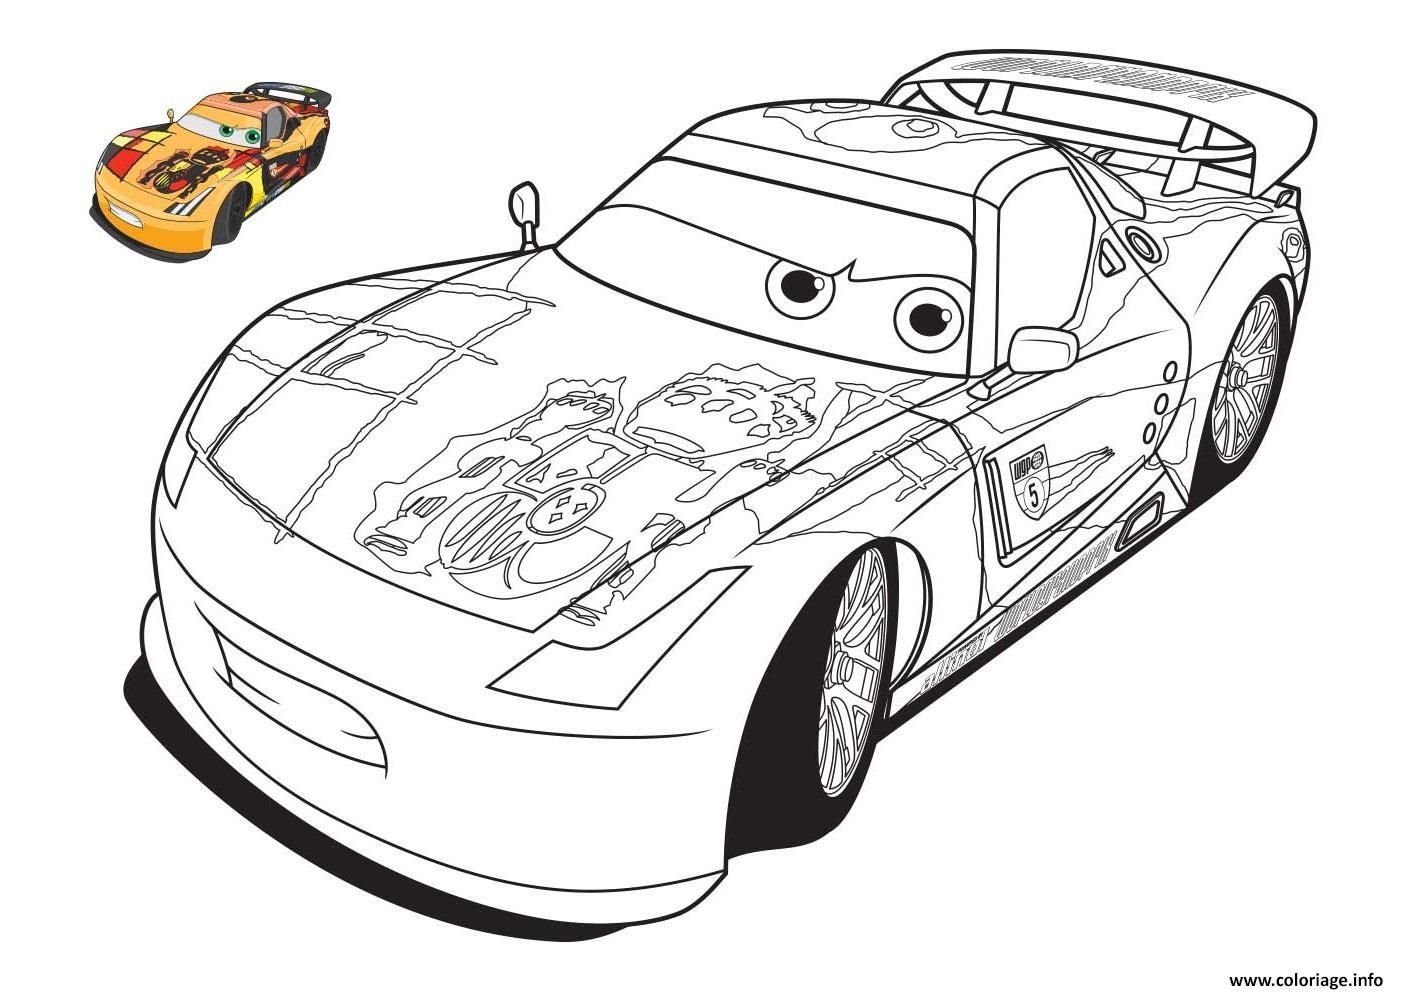 Coloriage Cars 2 Miguel Camilo Voiture Course Dessin Voiture De Course A Imprimer